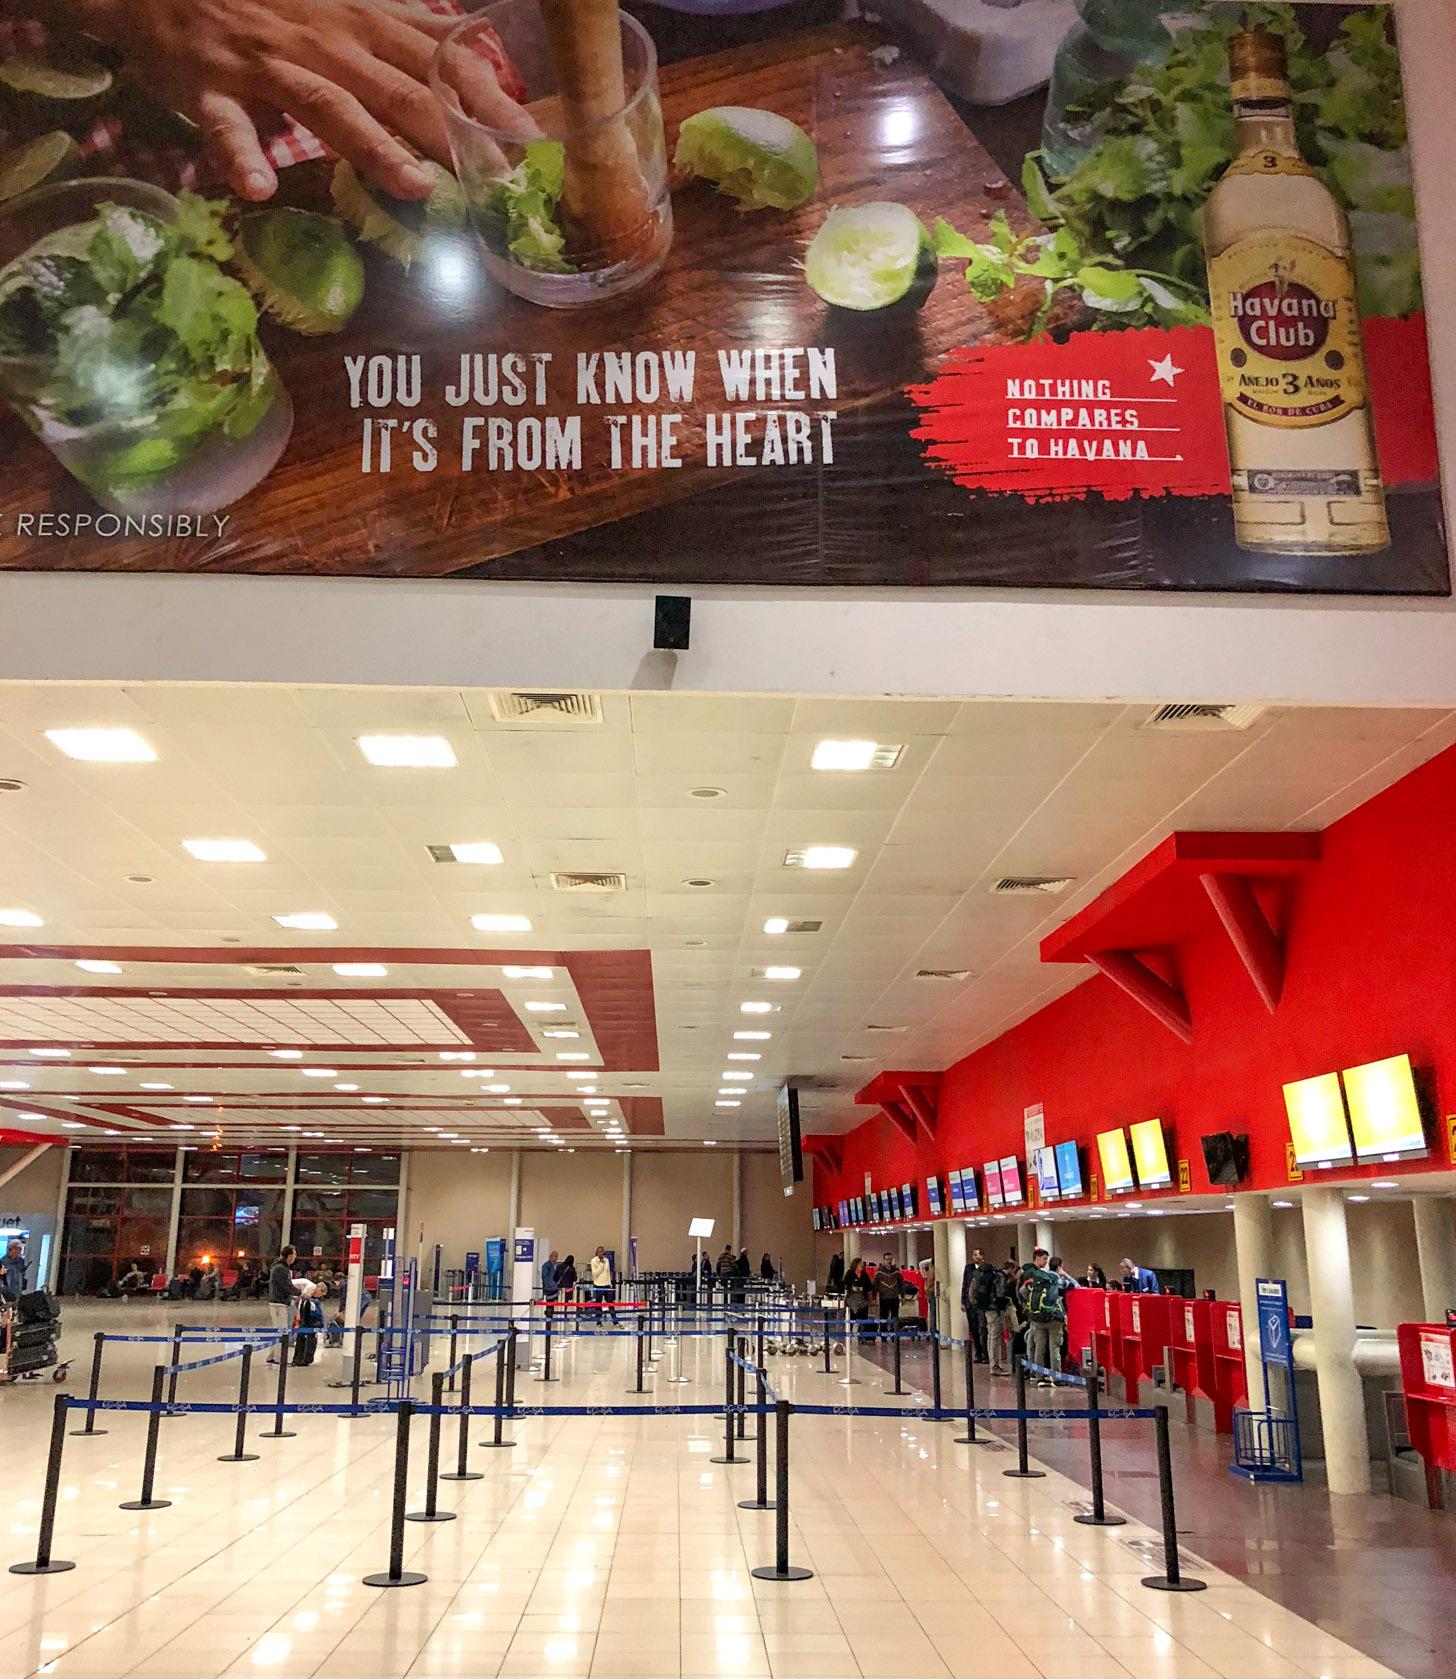 De luchthaven van Havana